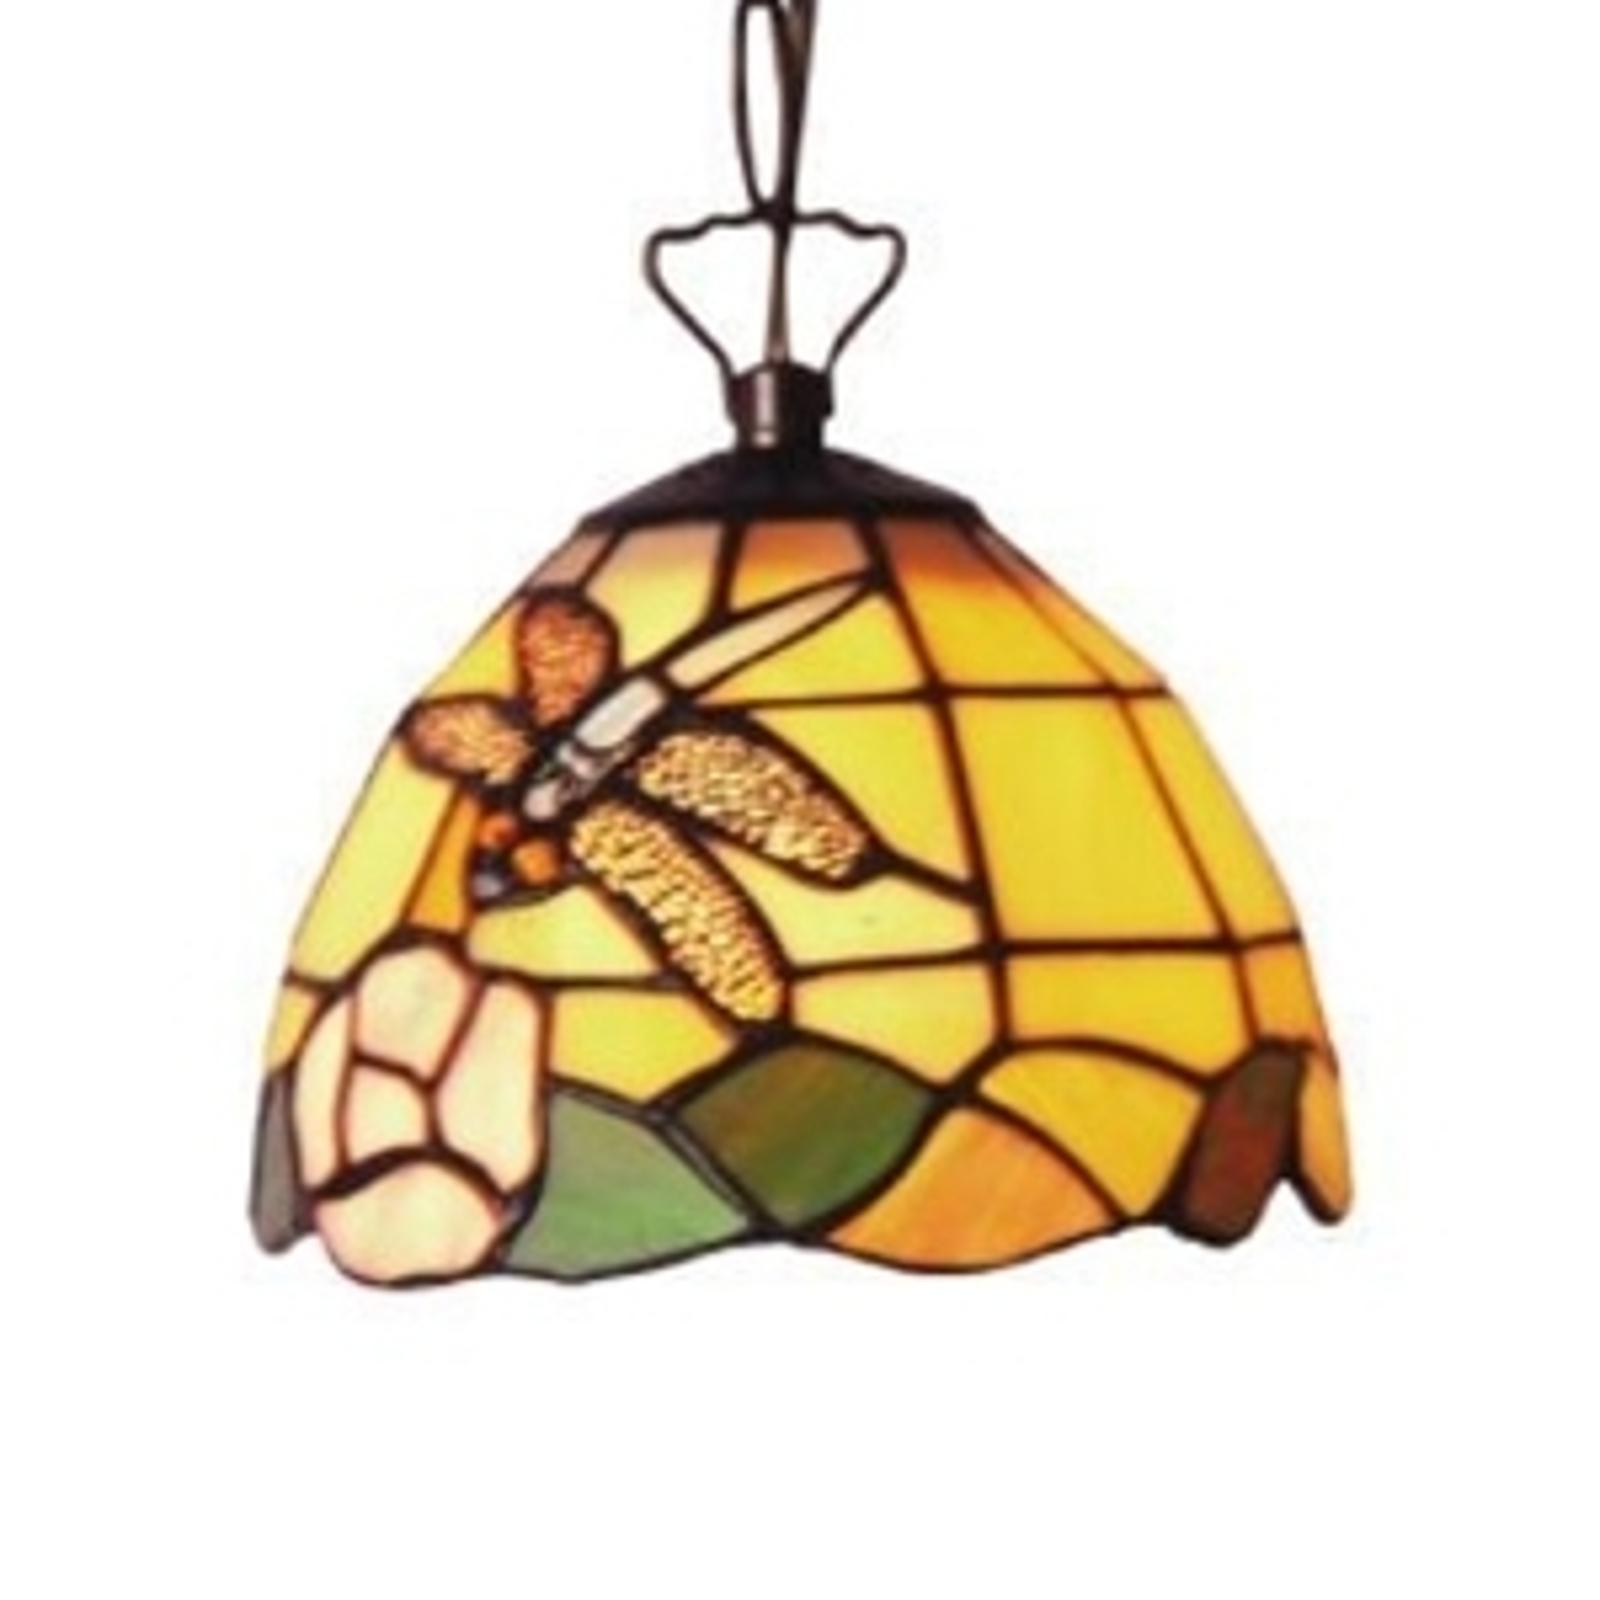 Vakker ØYENSTIKKER pendellampe i Tiffany-stil